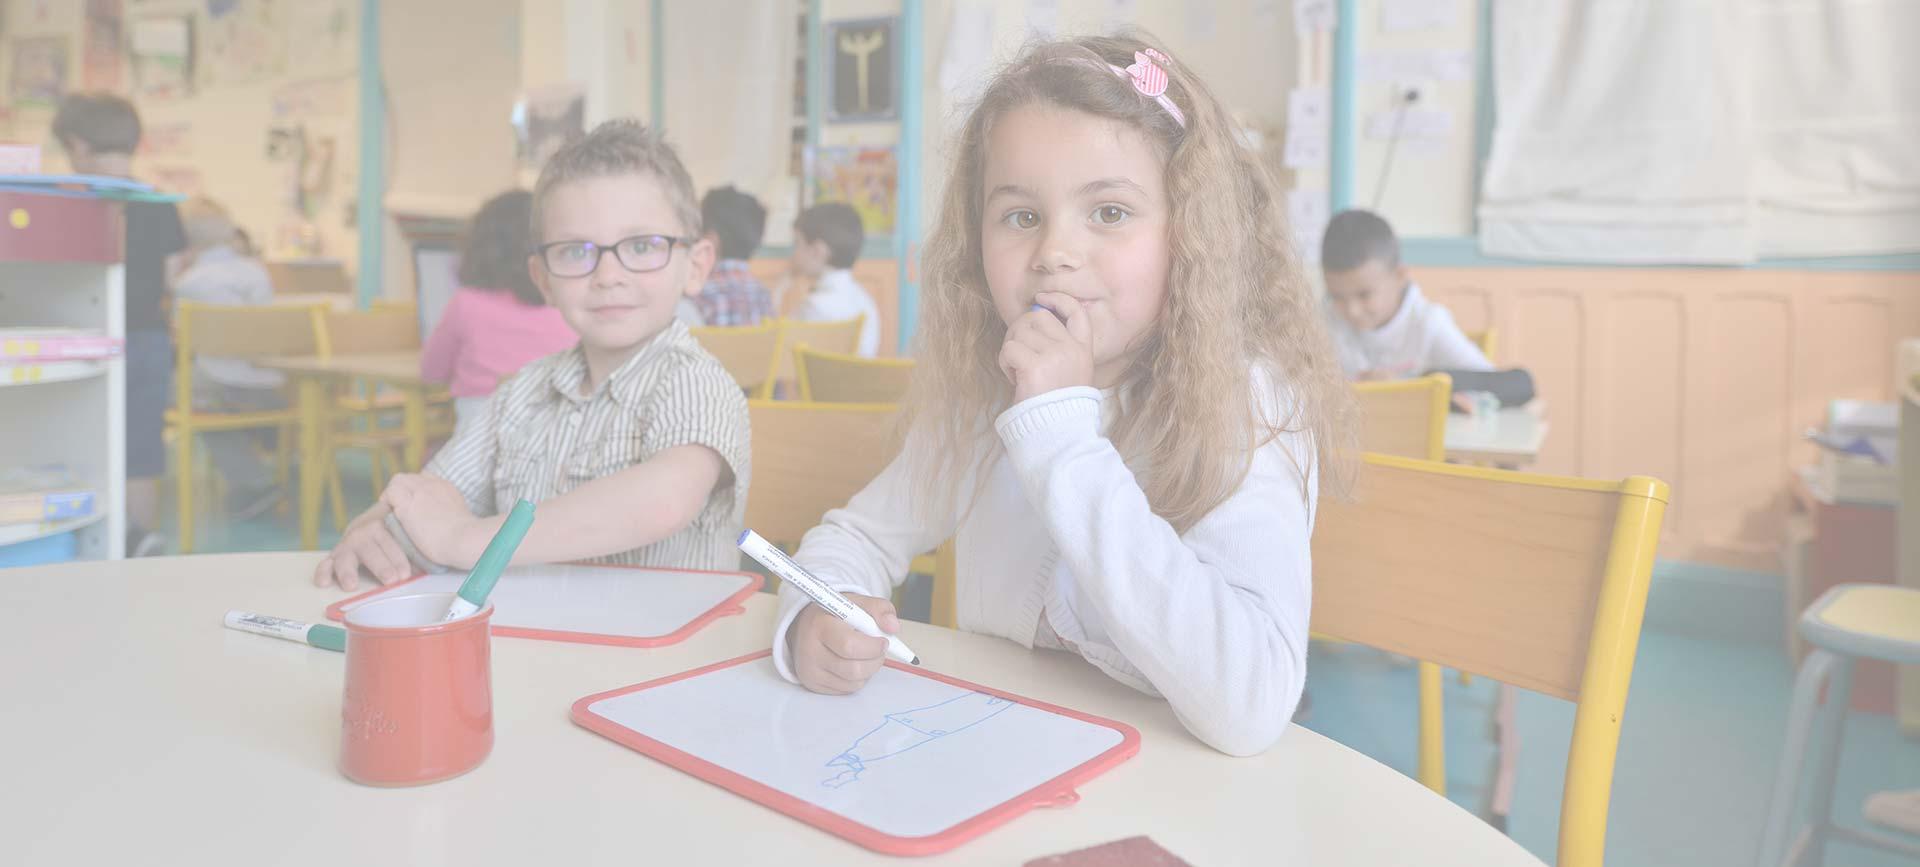 Ecole maternelle Saint-Joseph La Salle Semur-en-Auxois